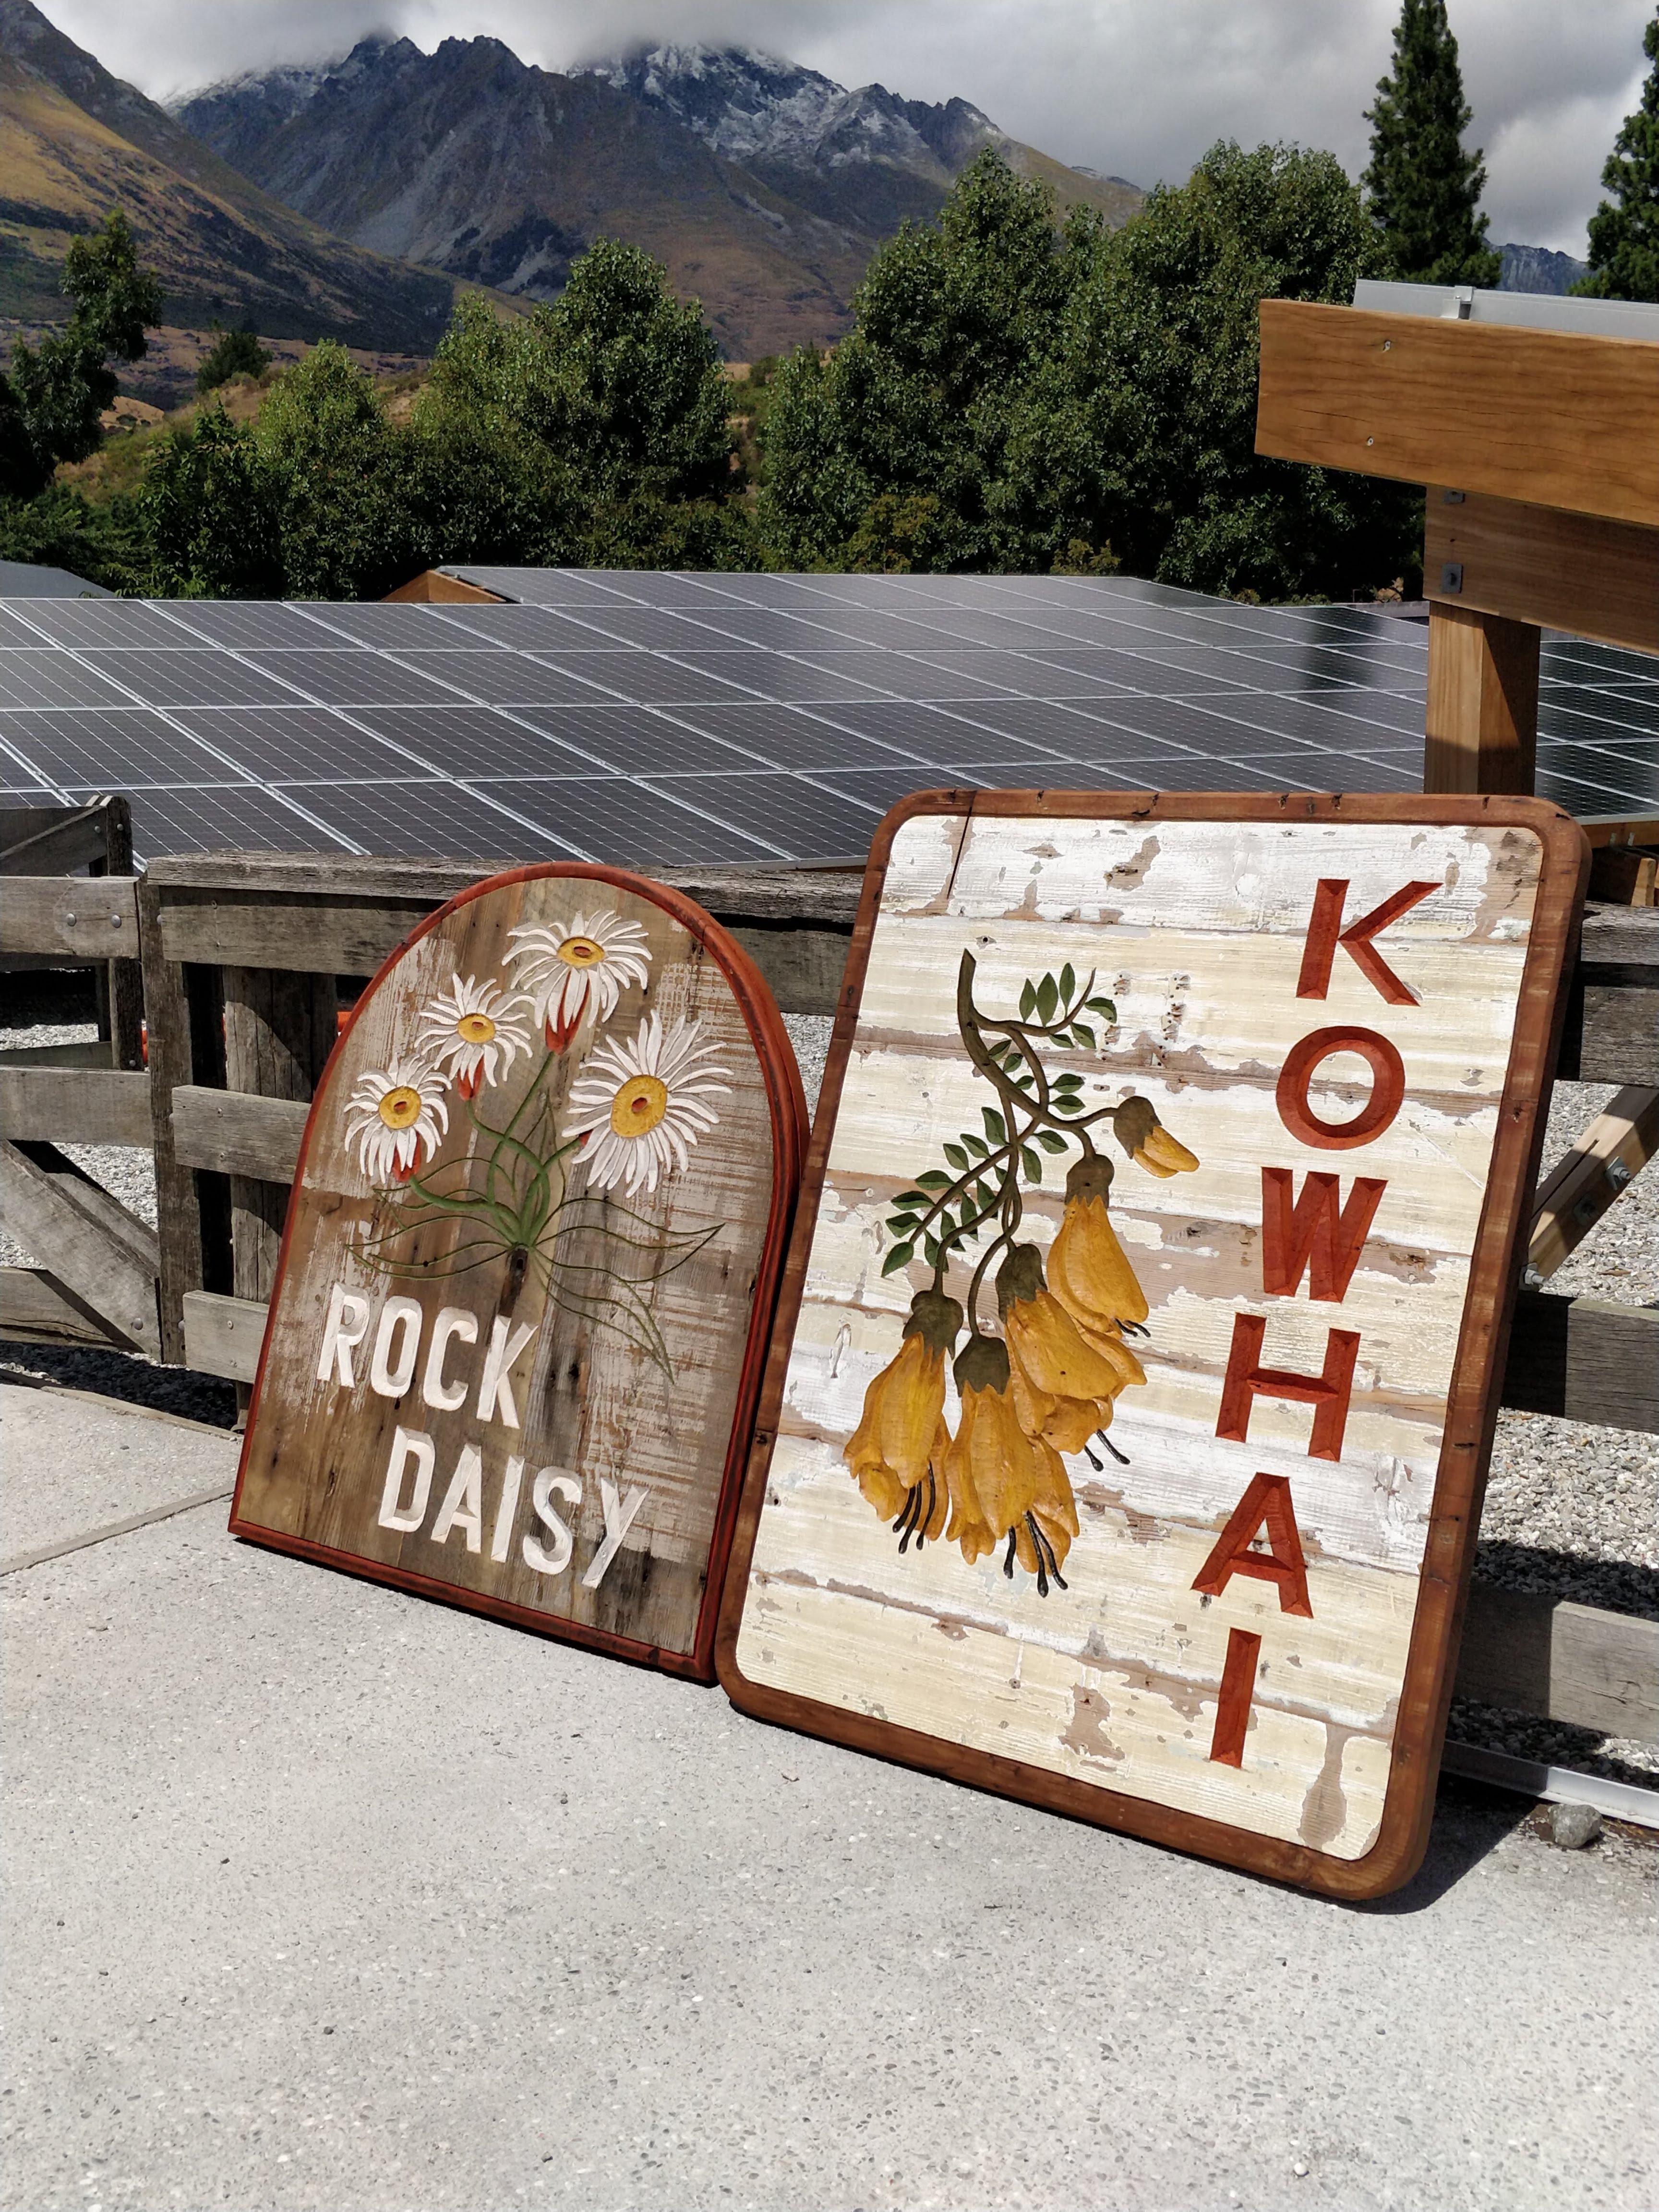 PV_solar_farm_with_cabin_signage.jpg